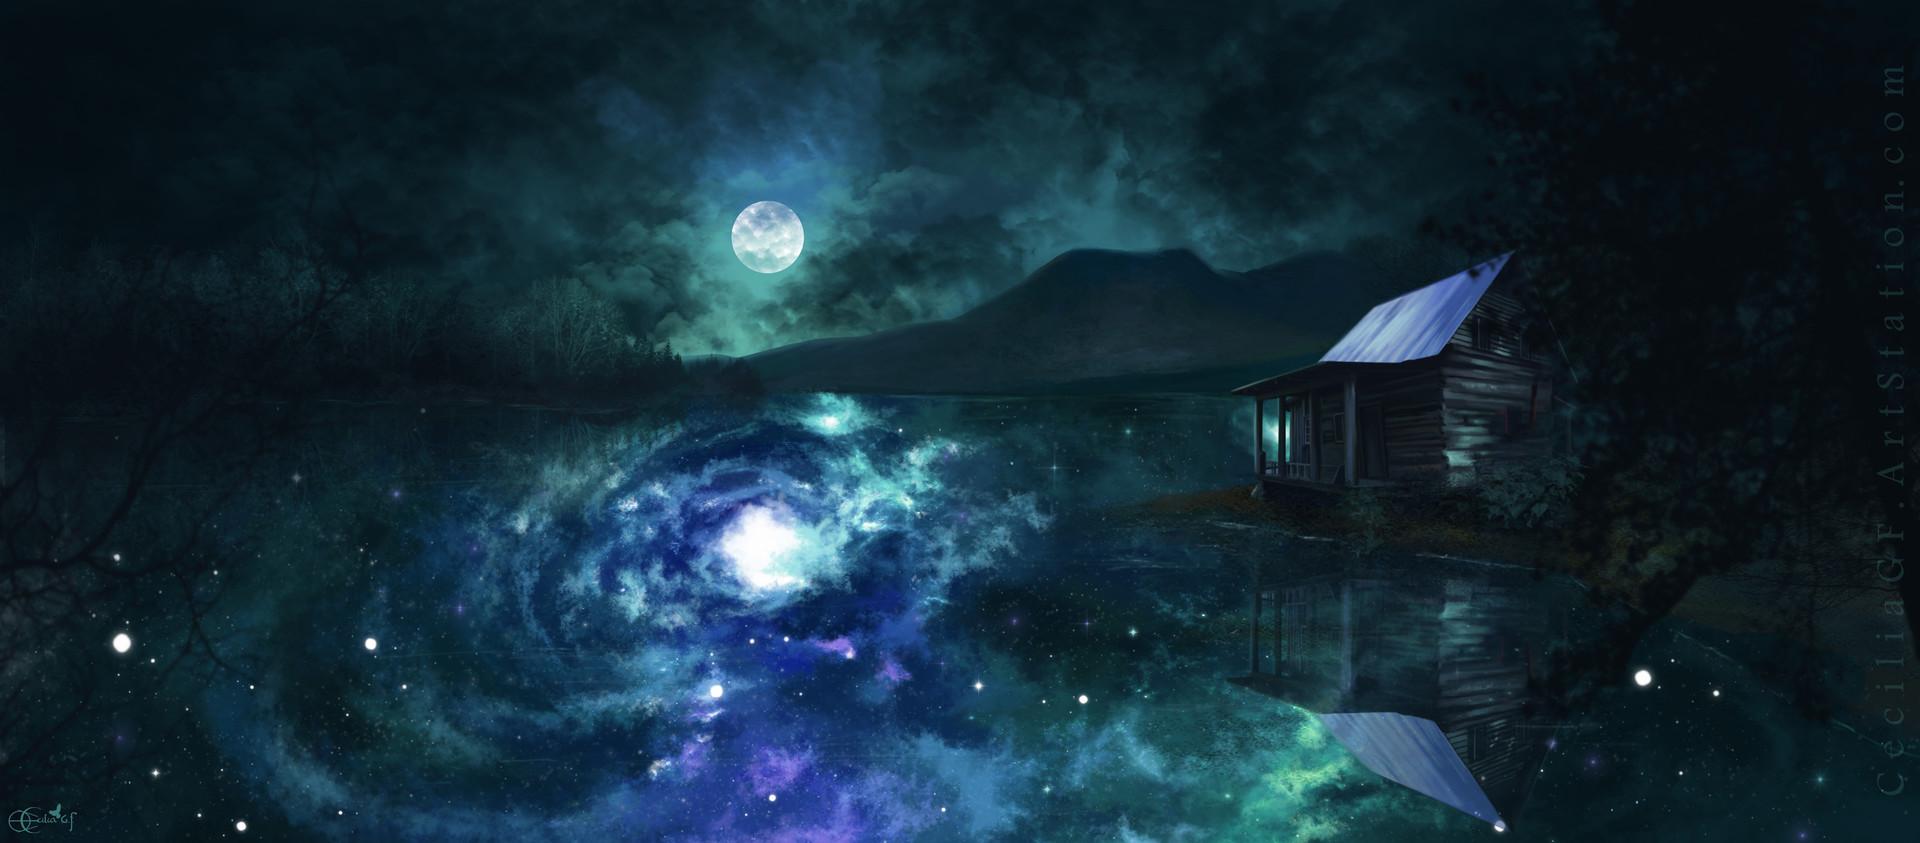 Cecilia g f portada en el lago